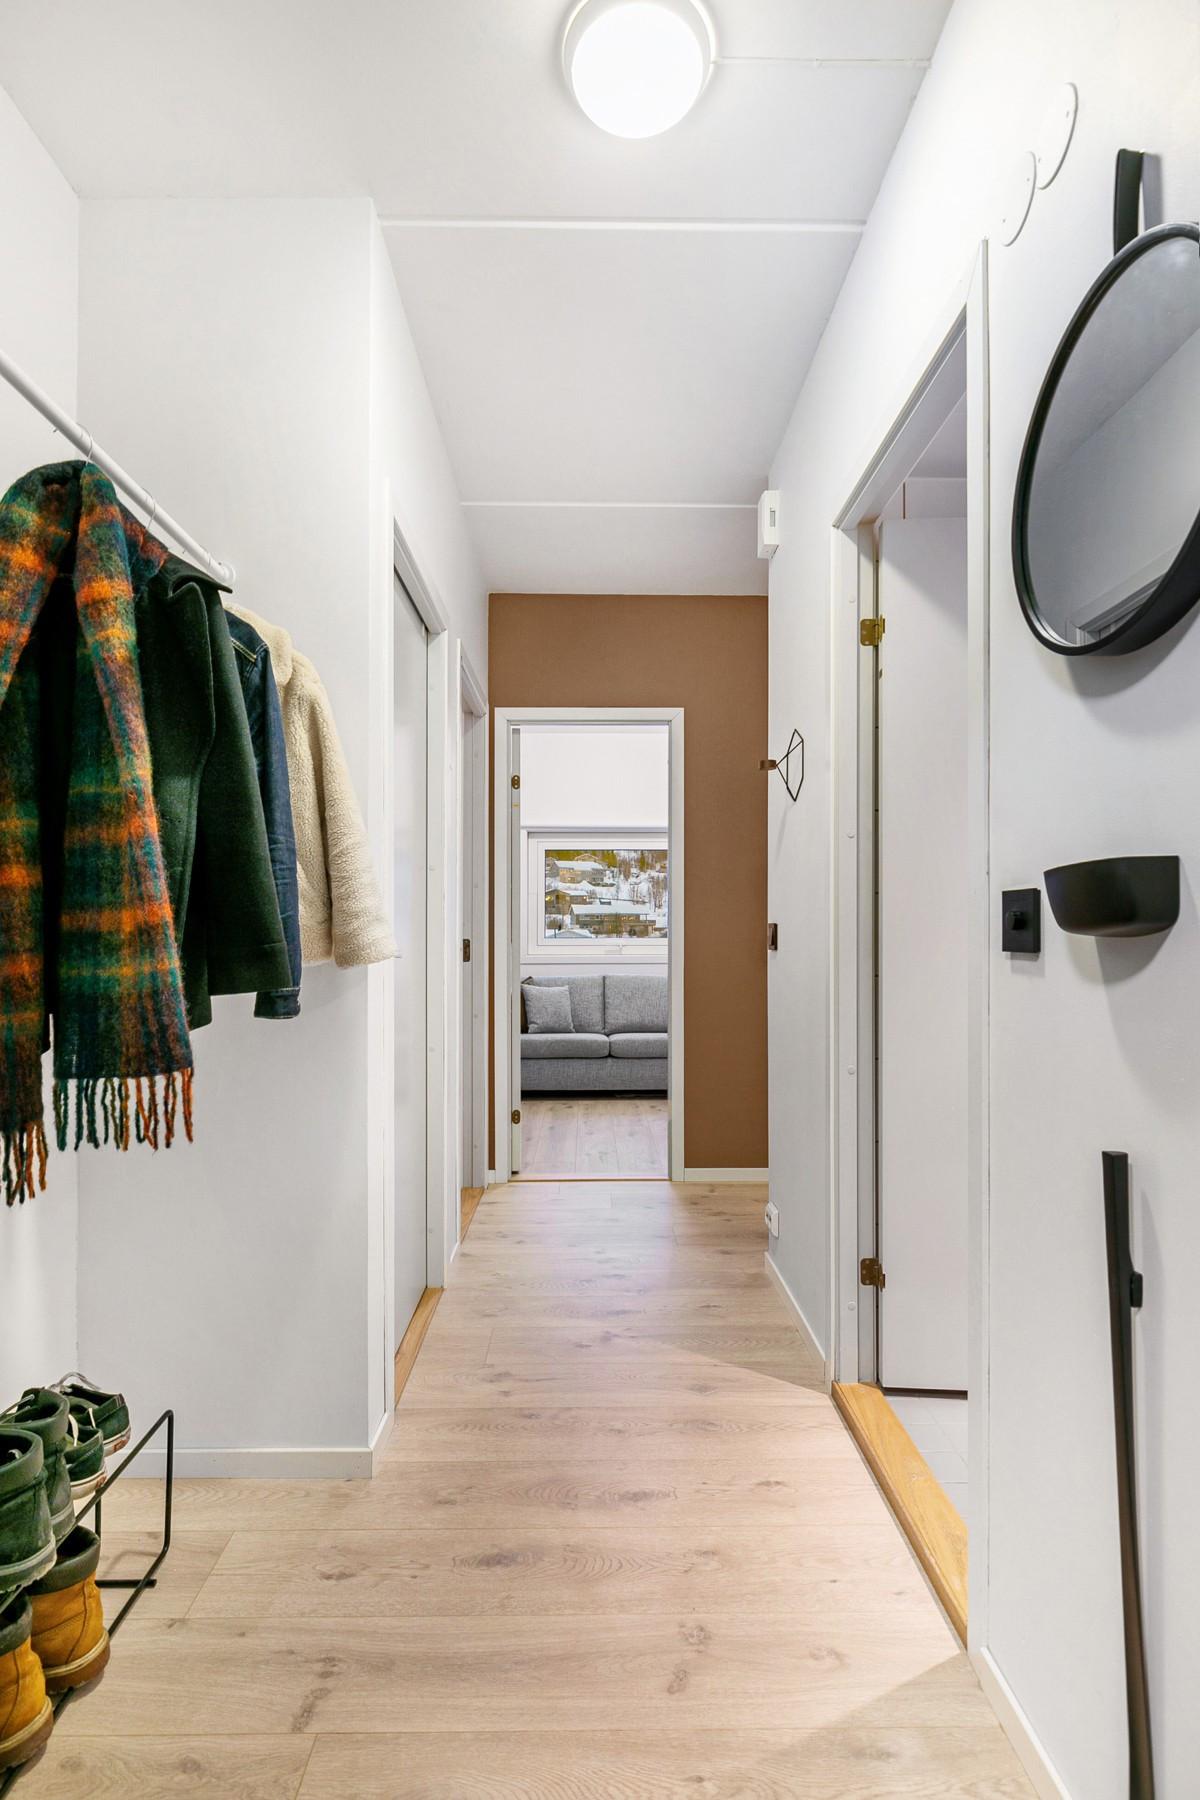 Entre er romslig og lys, med god plass til lagring av yttertøy